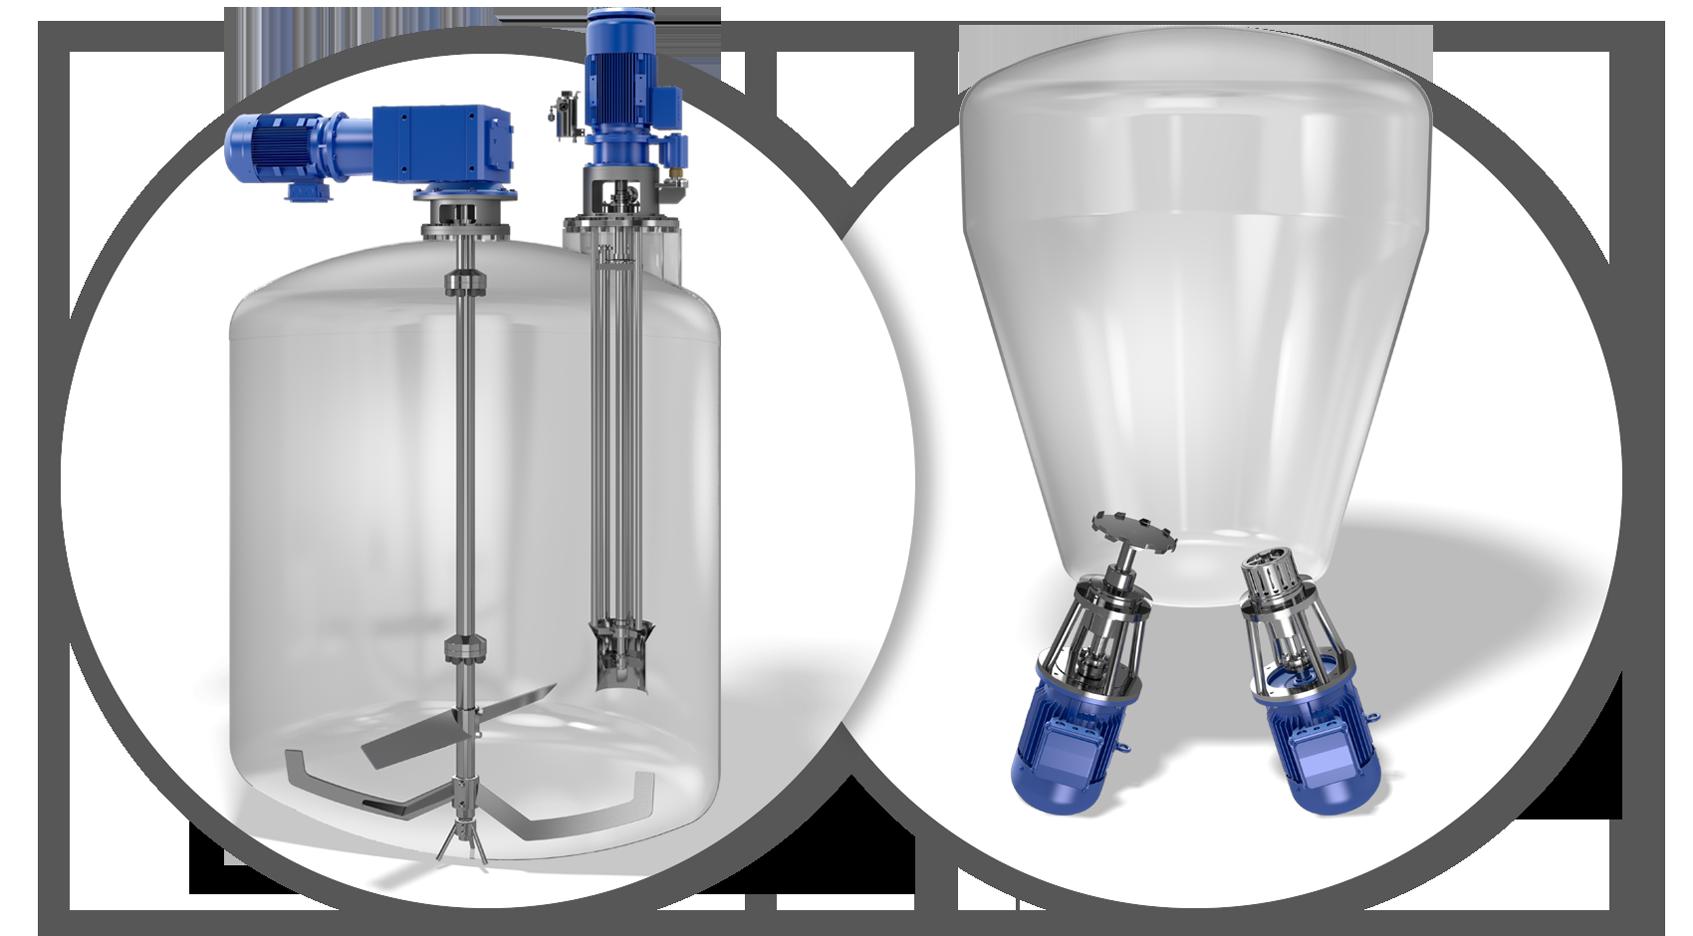 Misch- und Lagertank für kosmetische Produkte und Emulsionsreaktor im Einsatz